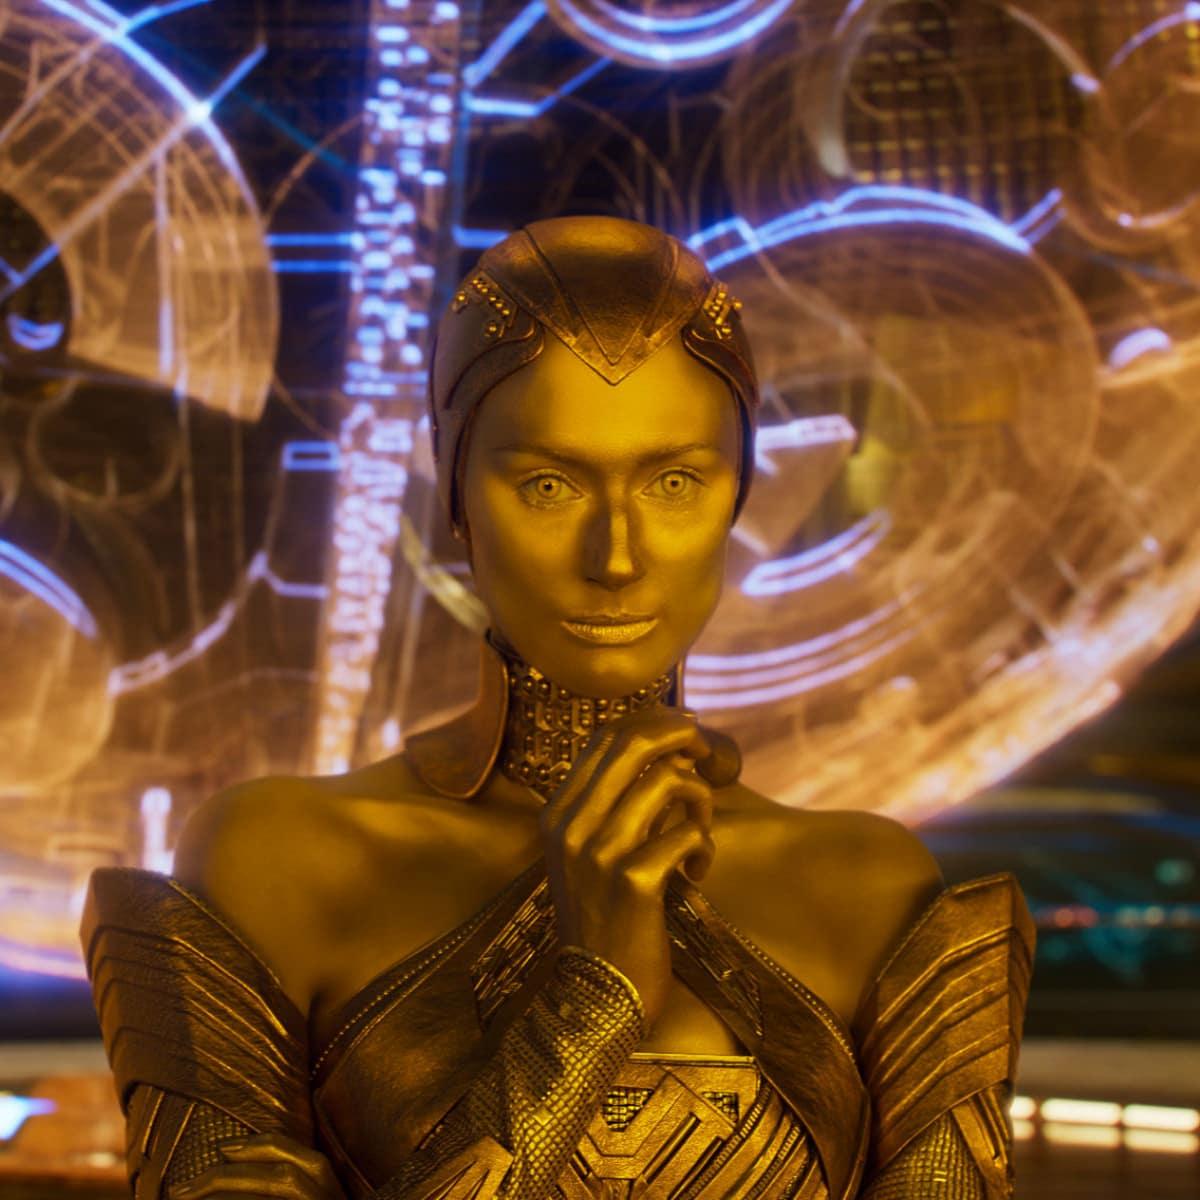 Elizabeth Debicki in Guardians of the Galaxy, Vol. 2